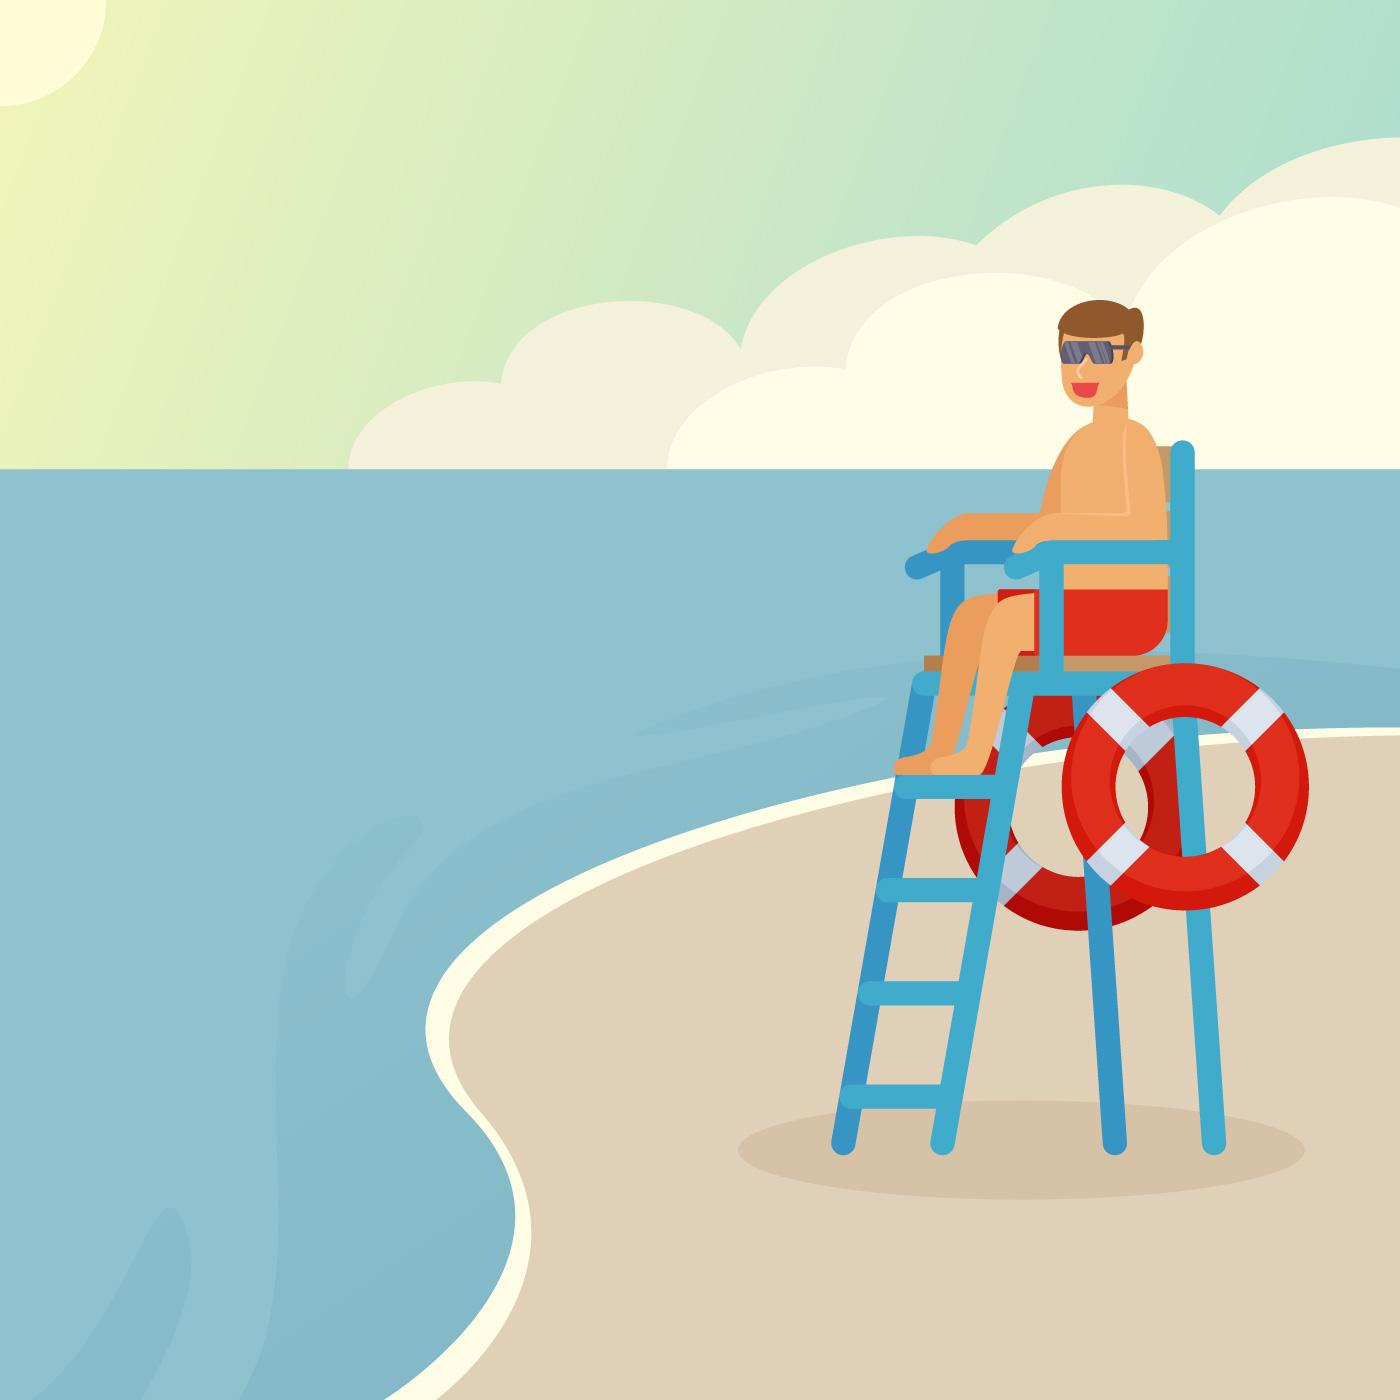 Outstanding Lifeguard Vectors Download Free Vector Art